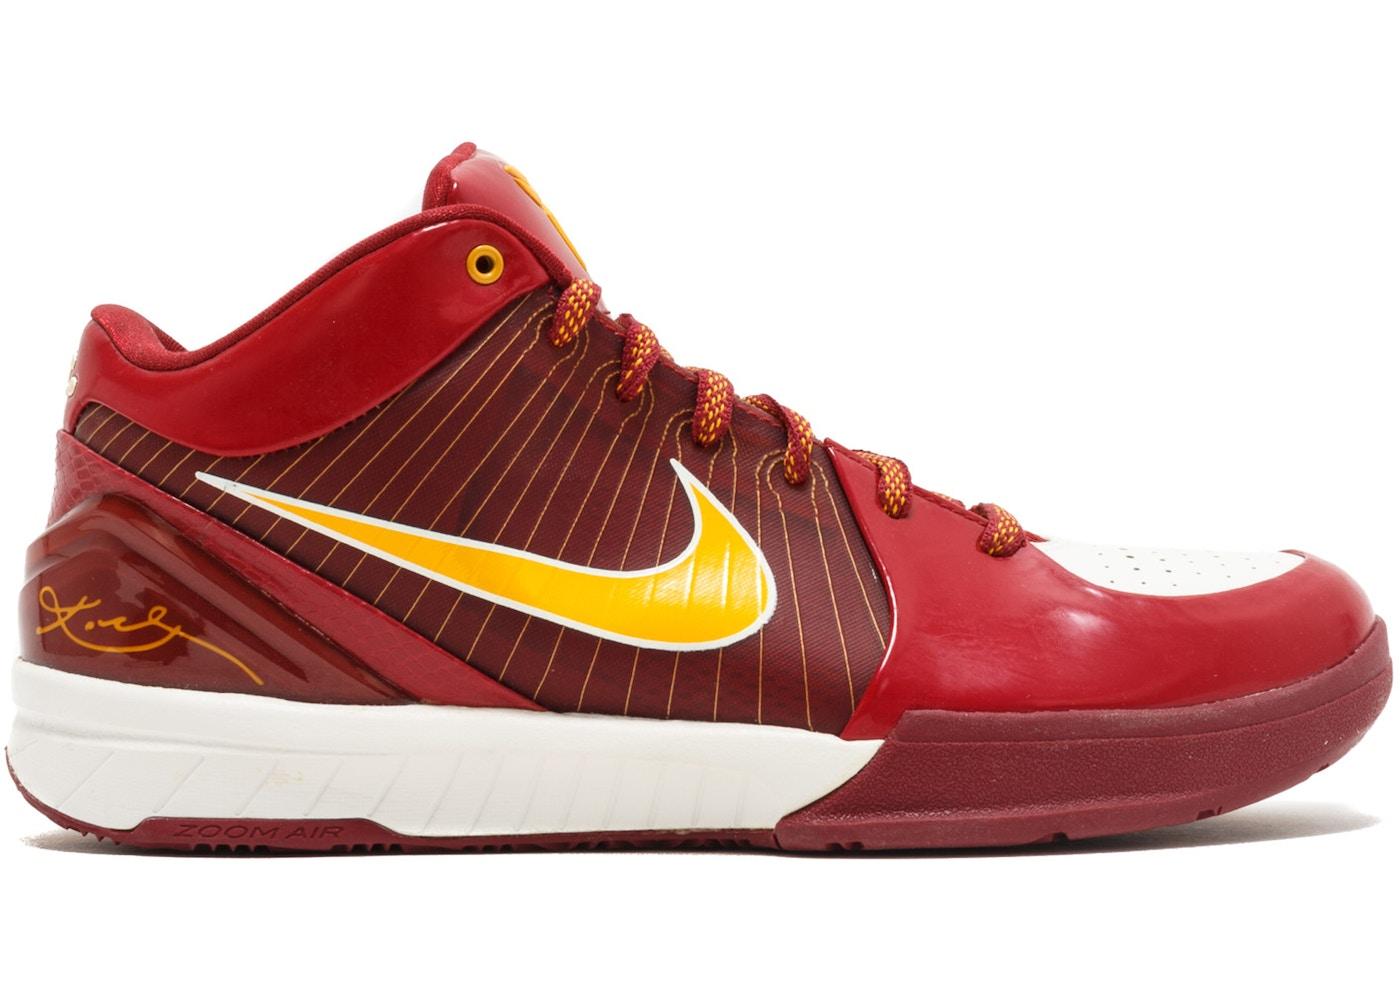 new styles b54ec 040f2 Buy Nike Kobe 4 Shoes   Deadstock Sneakers